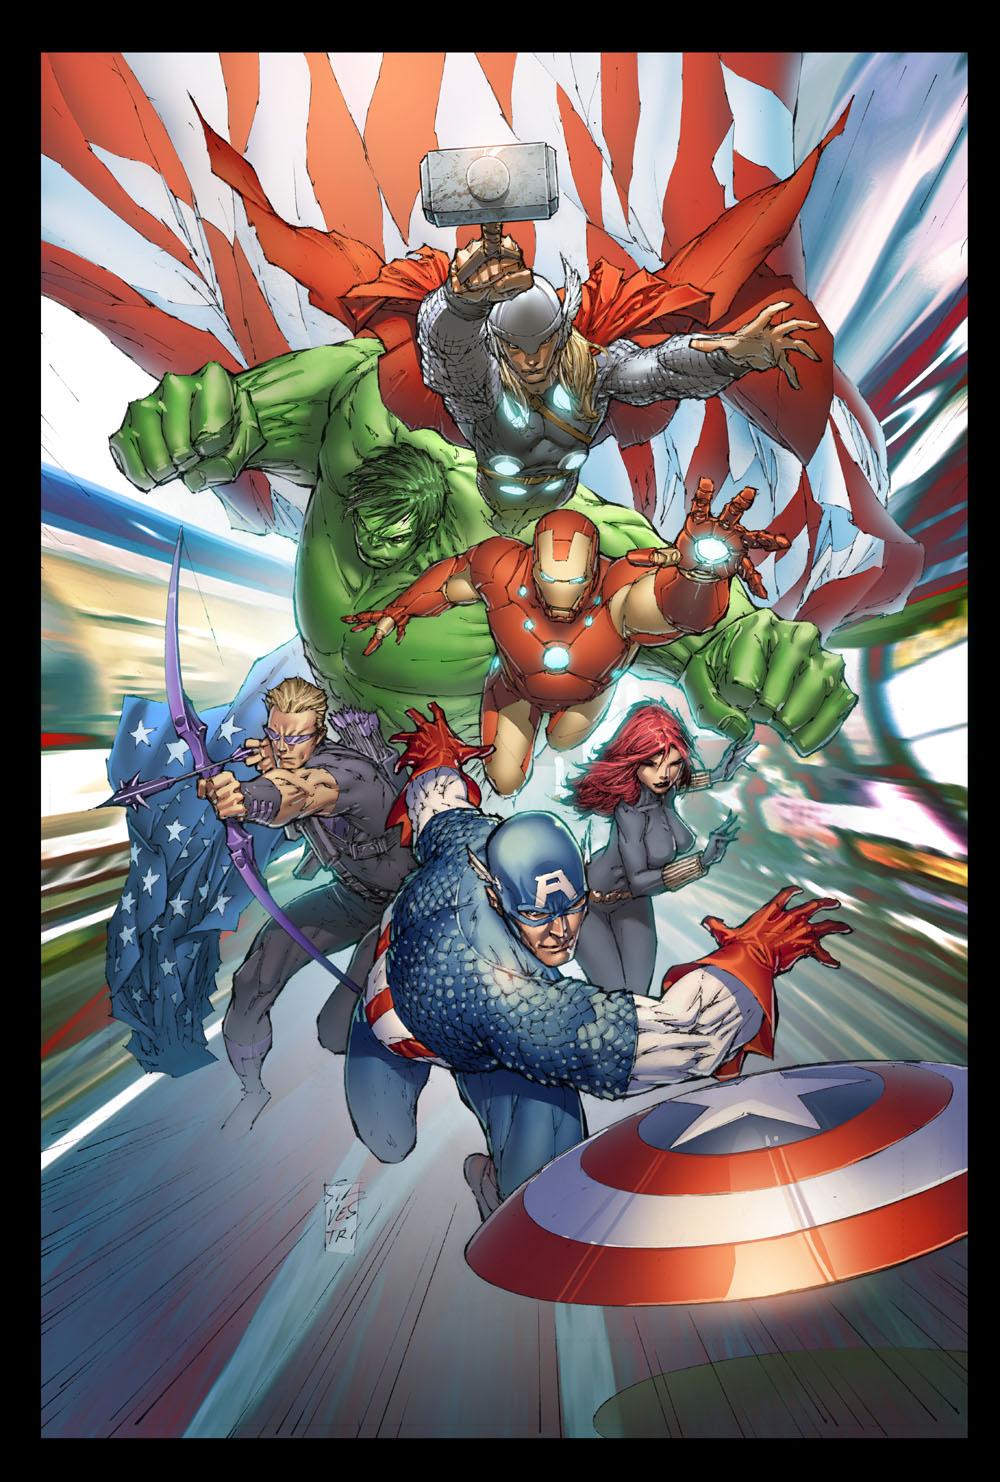 AvengersAssemble_1_SilvestriVariant ComicList: Marvel Comics for 03/14/2012